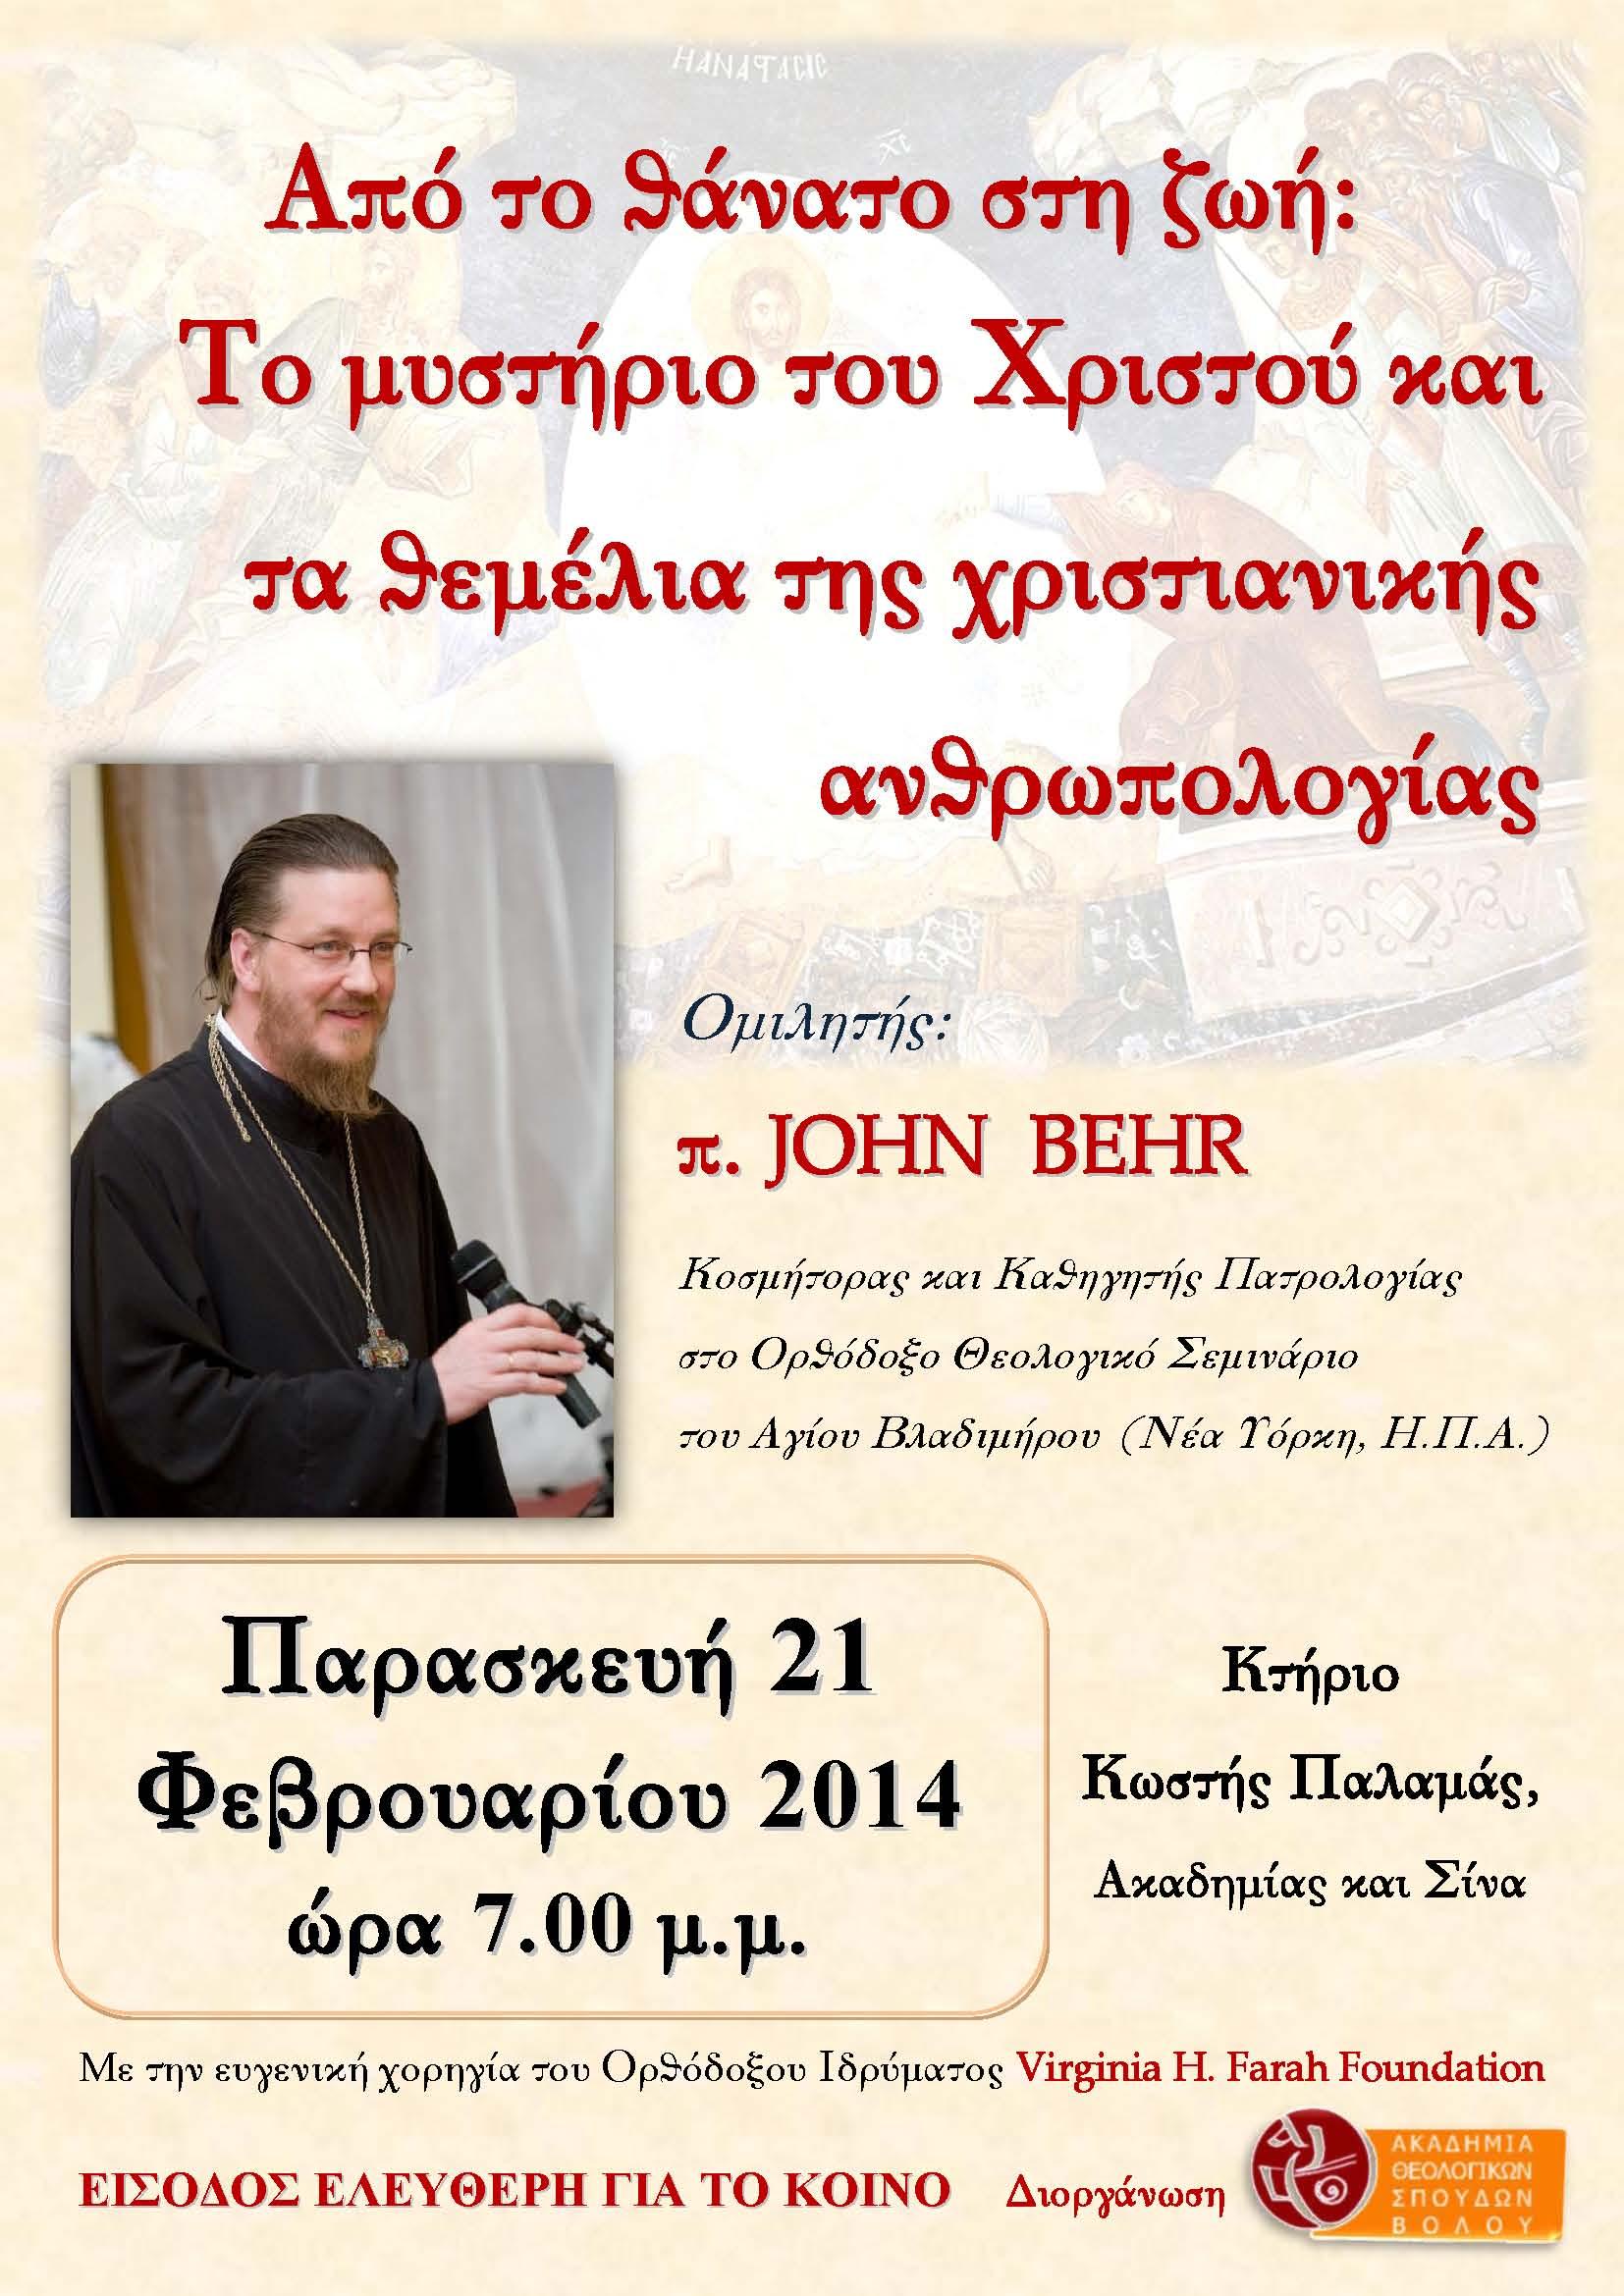 """""""Από το θάνατο στη ζωή: Το Μυστήριο του Χριστού και ο ρόλος του θανάτου στη χριστιανική ανθρωπολογία"""" -  π. John Behr, Κοσμήτωρ και Καθηγητής Πατρολογίας  του Ορθόδοξου Θεολογικού Σεμιναρίου του Αγίου Βλαδίμηρου N.Y. (Ακολουθεί κείμενο στα ελληνικά)"""